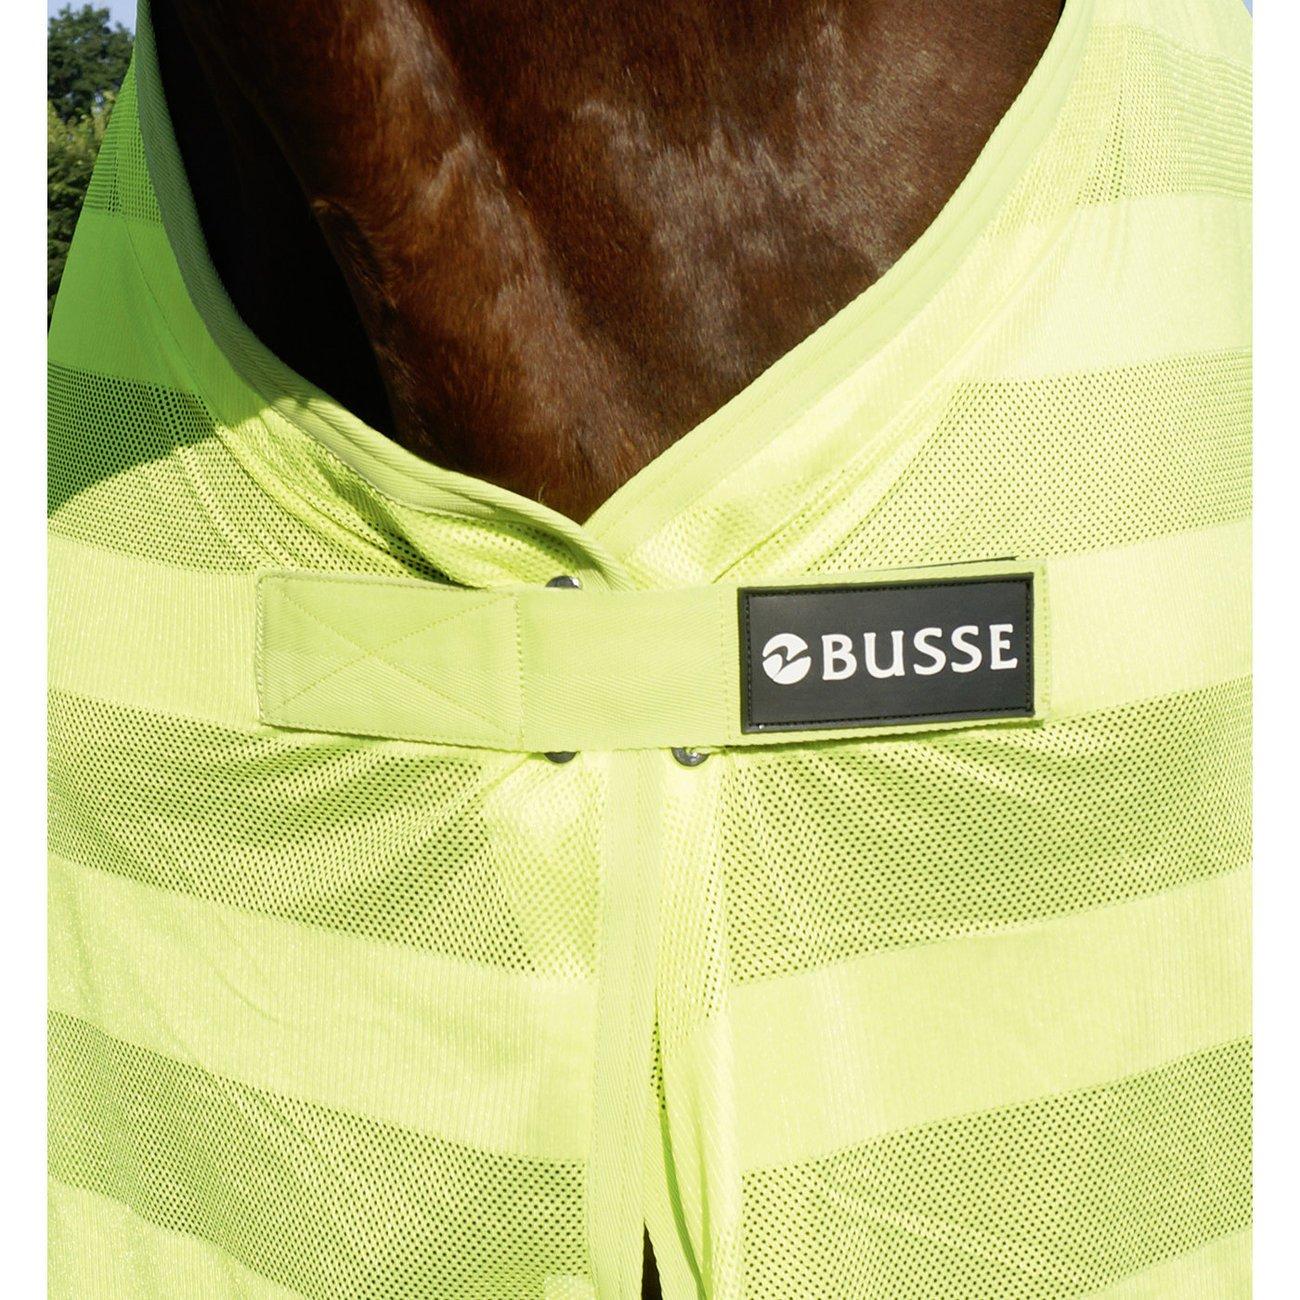 BUSSE Decke Reflection, Bild 2